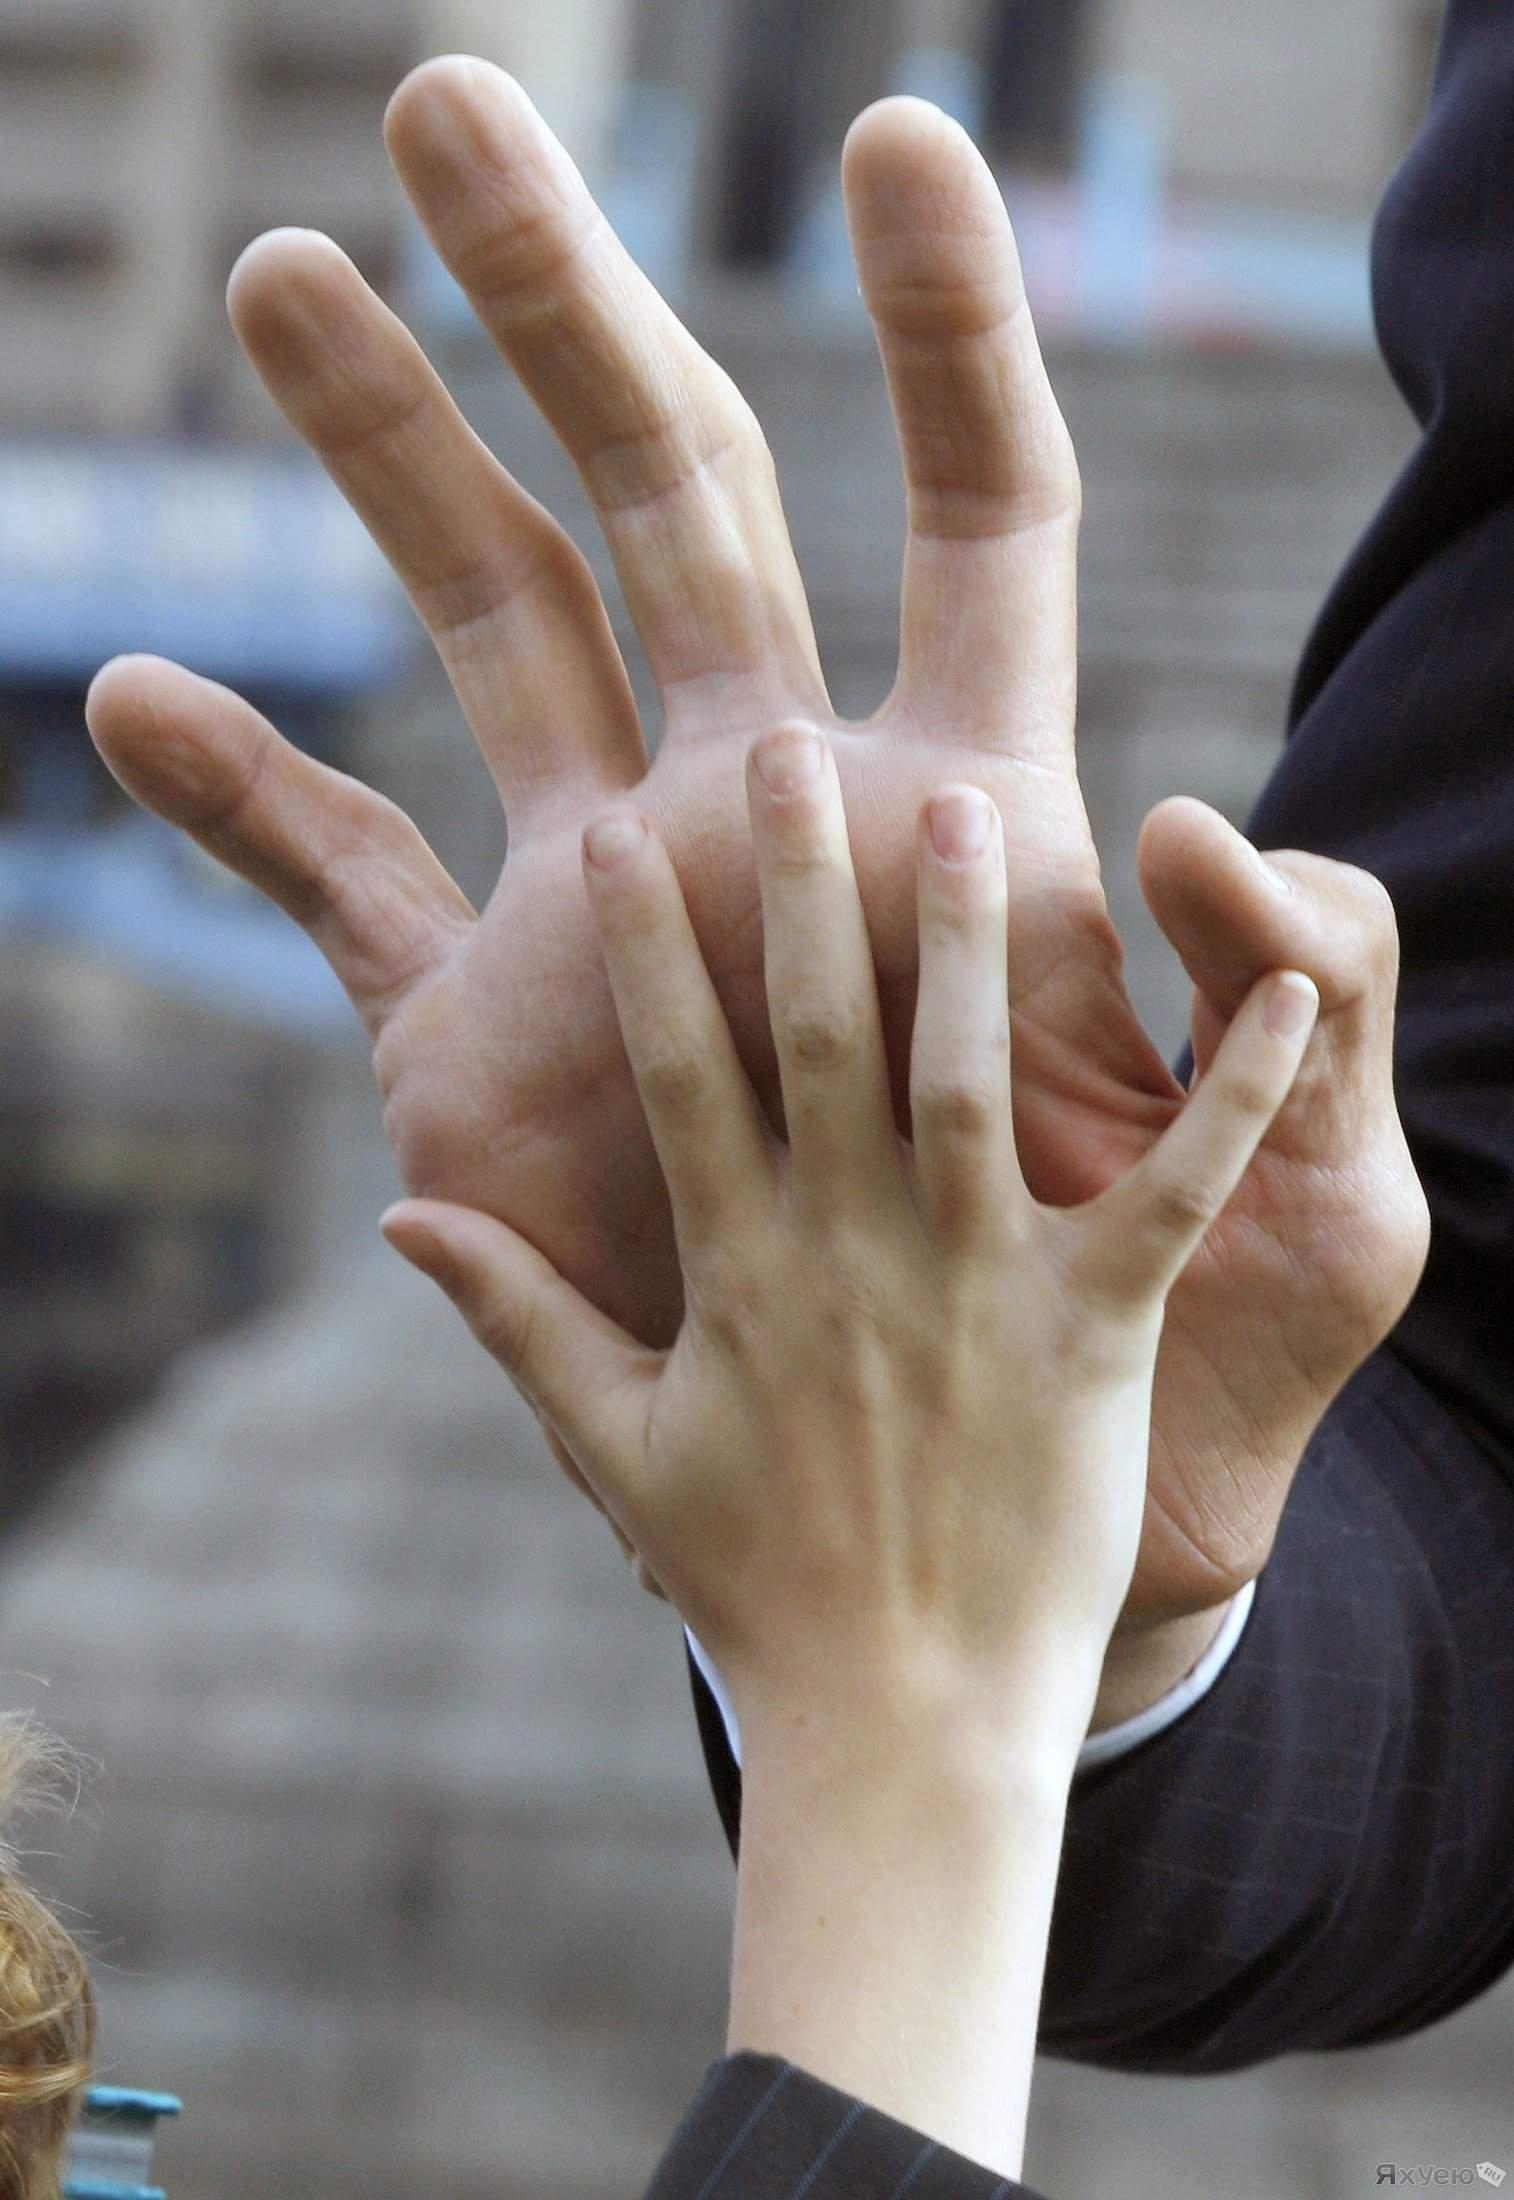 Определение сексуальной ориентации по размеру пальцев